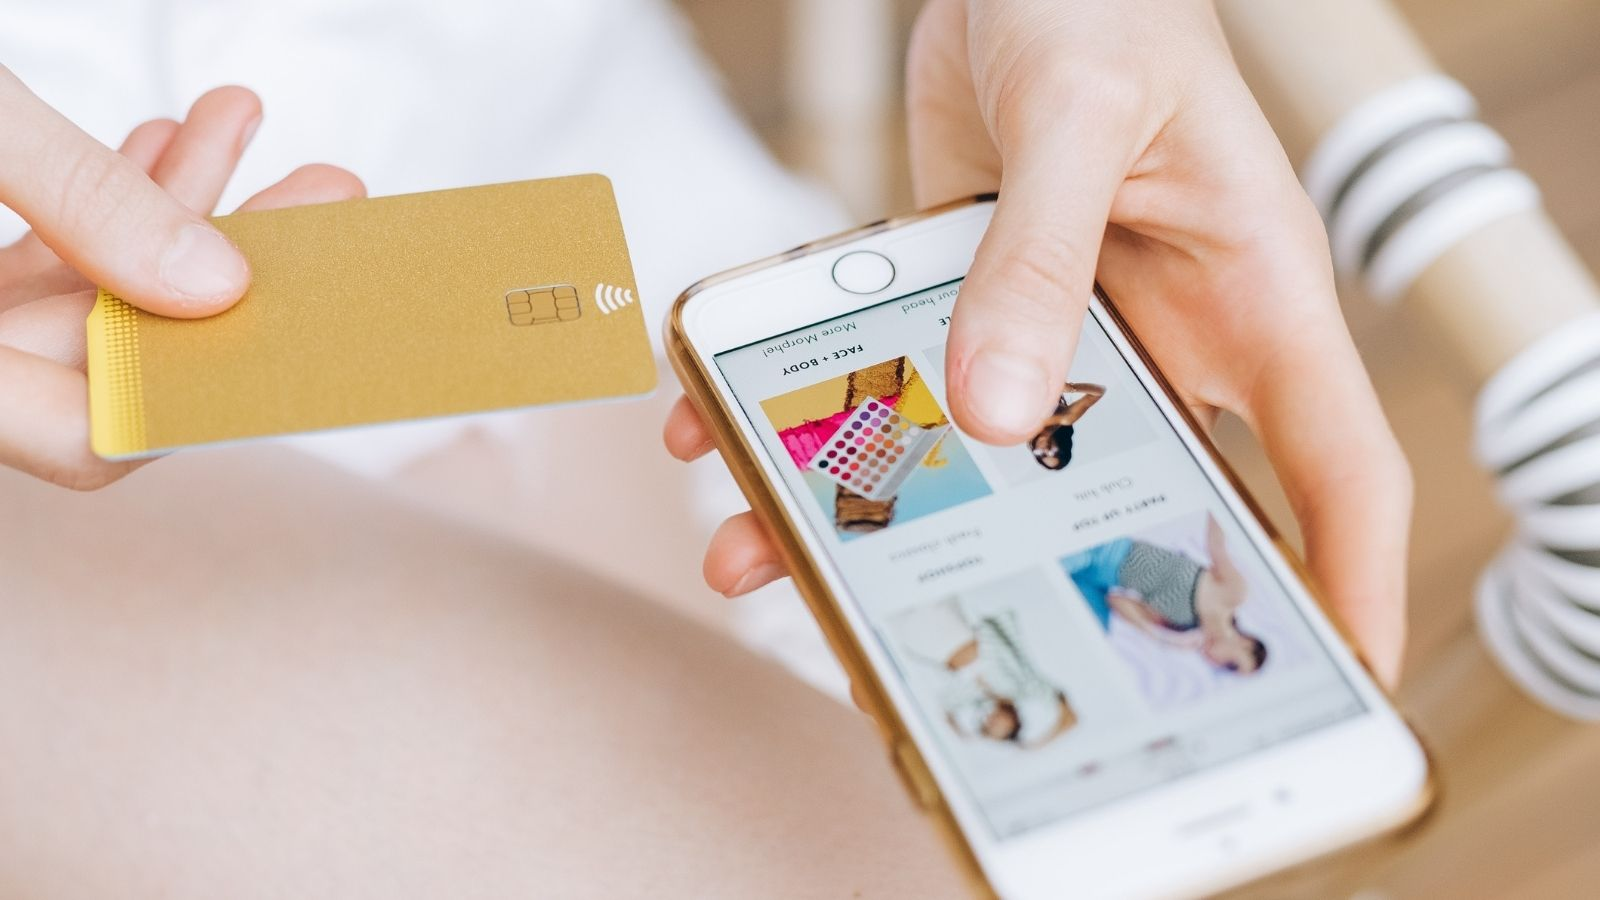 Duże marki wchodzą na serwisy marketplace Digital mediarun marketplace